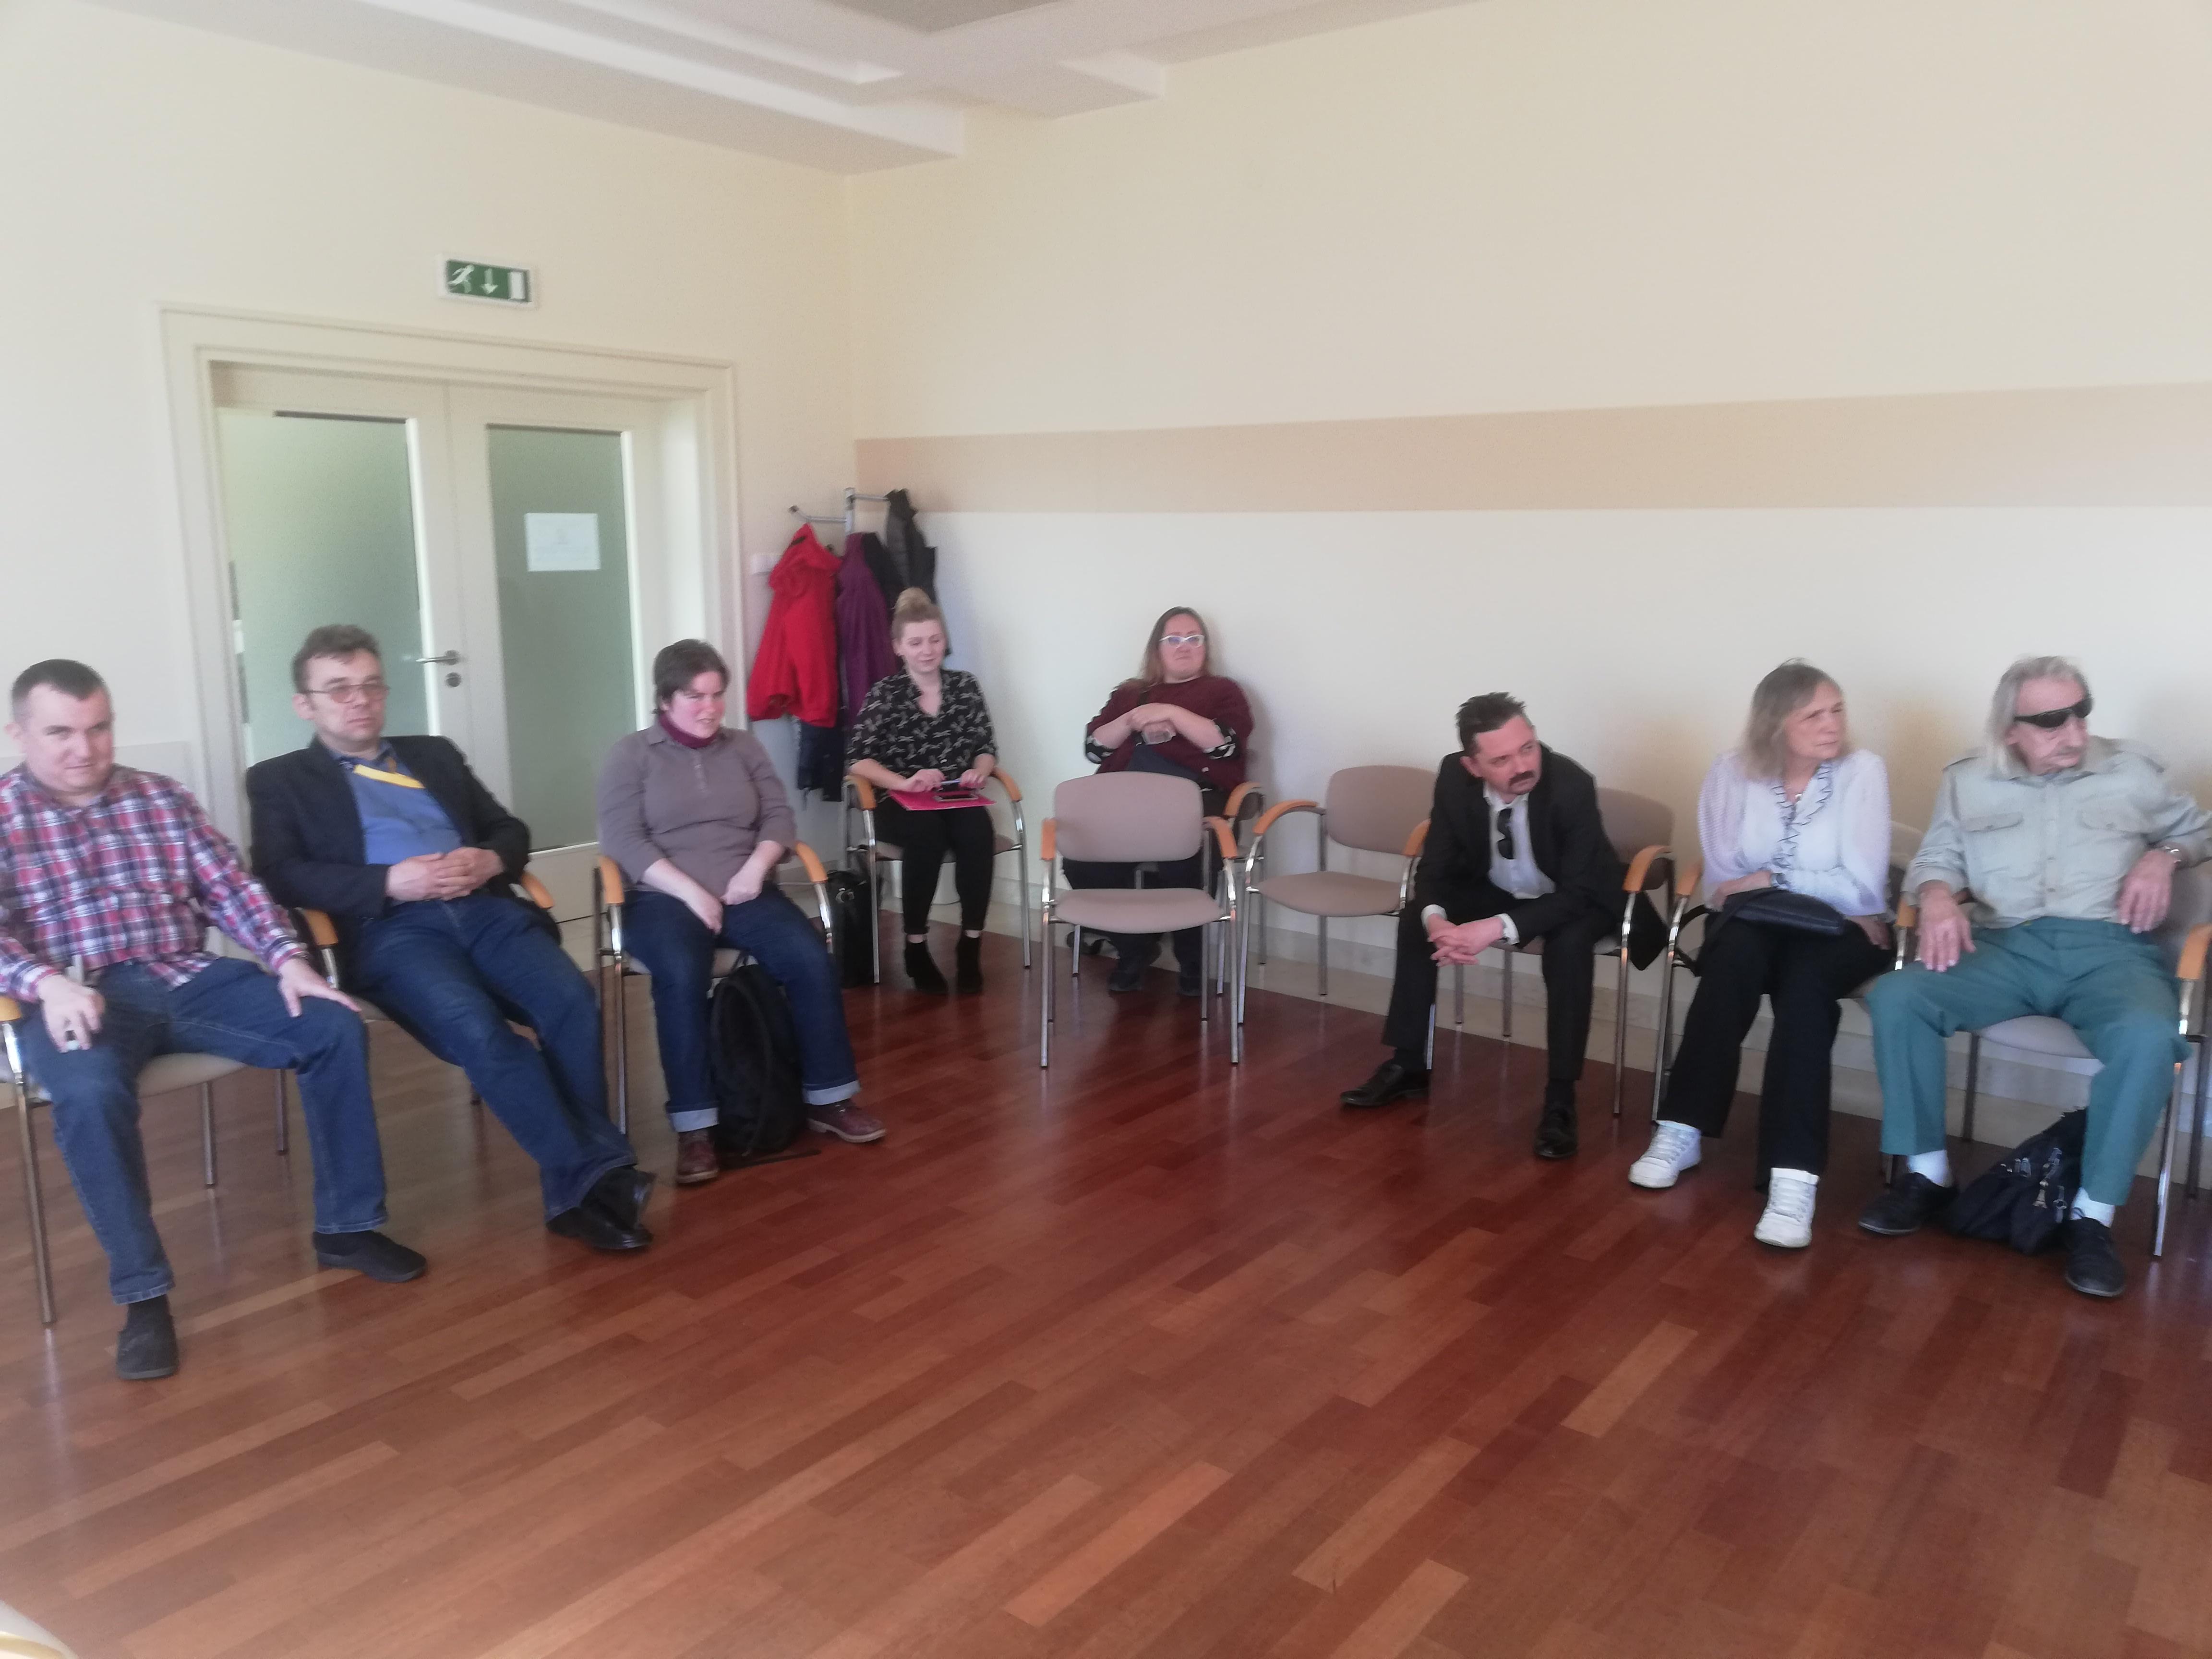 Grupa uczestników siedząca na krzesłach ustawionych wzdłuż białych ścian, w lewym rogu stoi wieszak z kilkoma kurtkami. Obok niego po lewej widoczne zamknięte, dwuskrzydłowe, przeszklone drzwi. Podłoga z brązowych paneli.